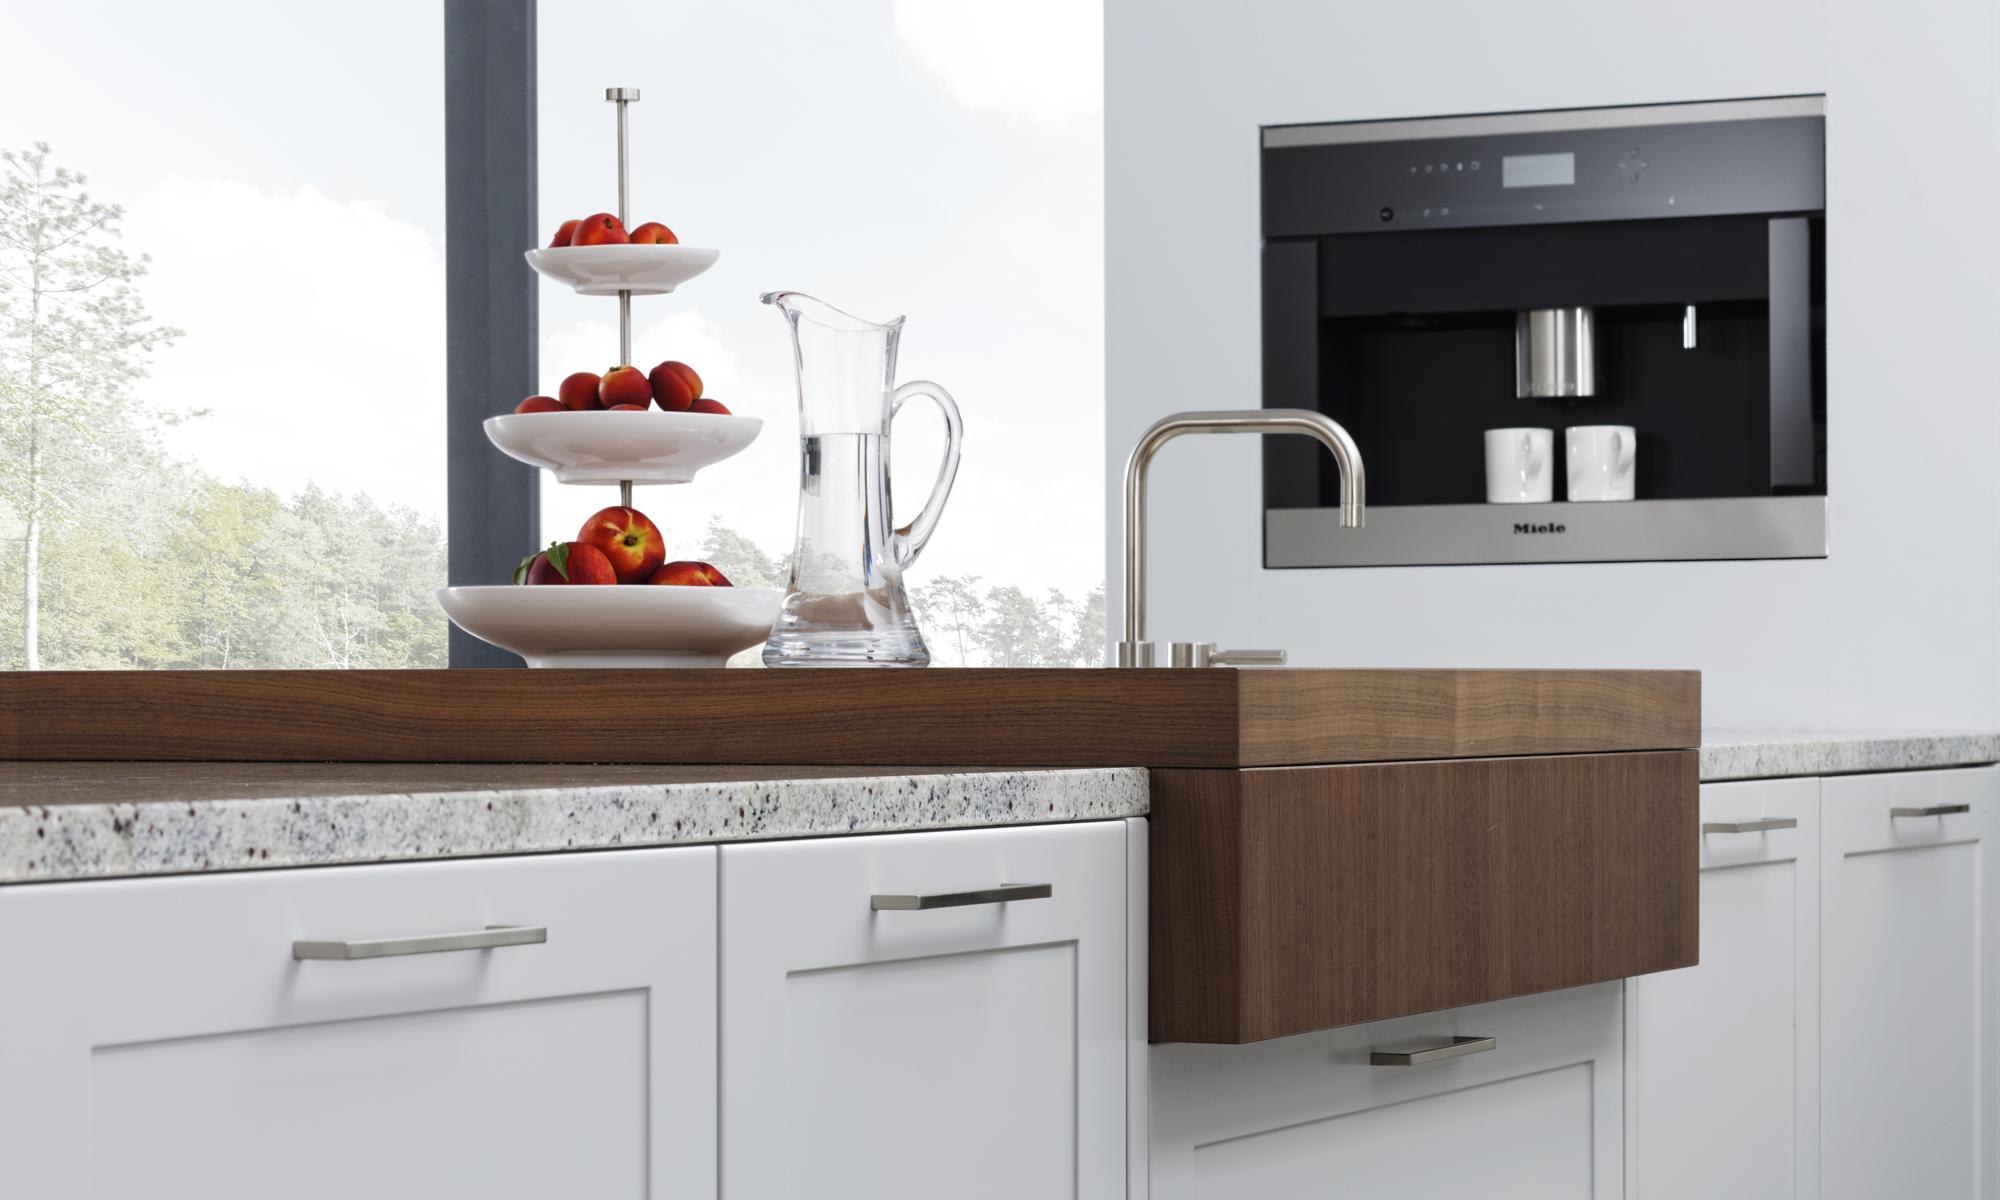 Küchenstudio Anderka